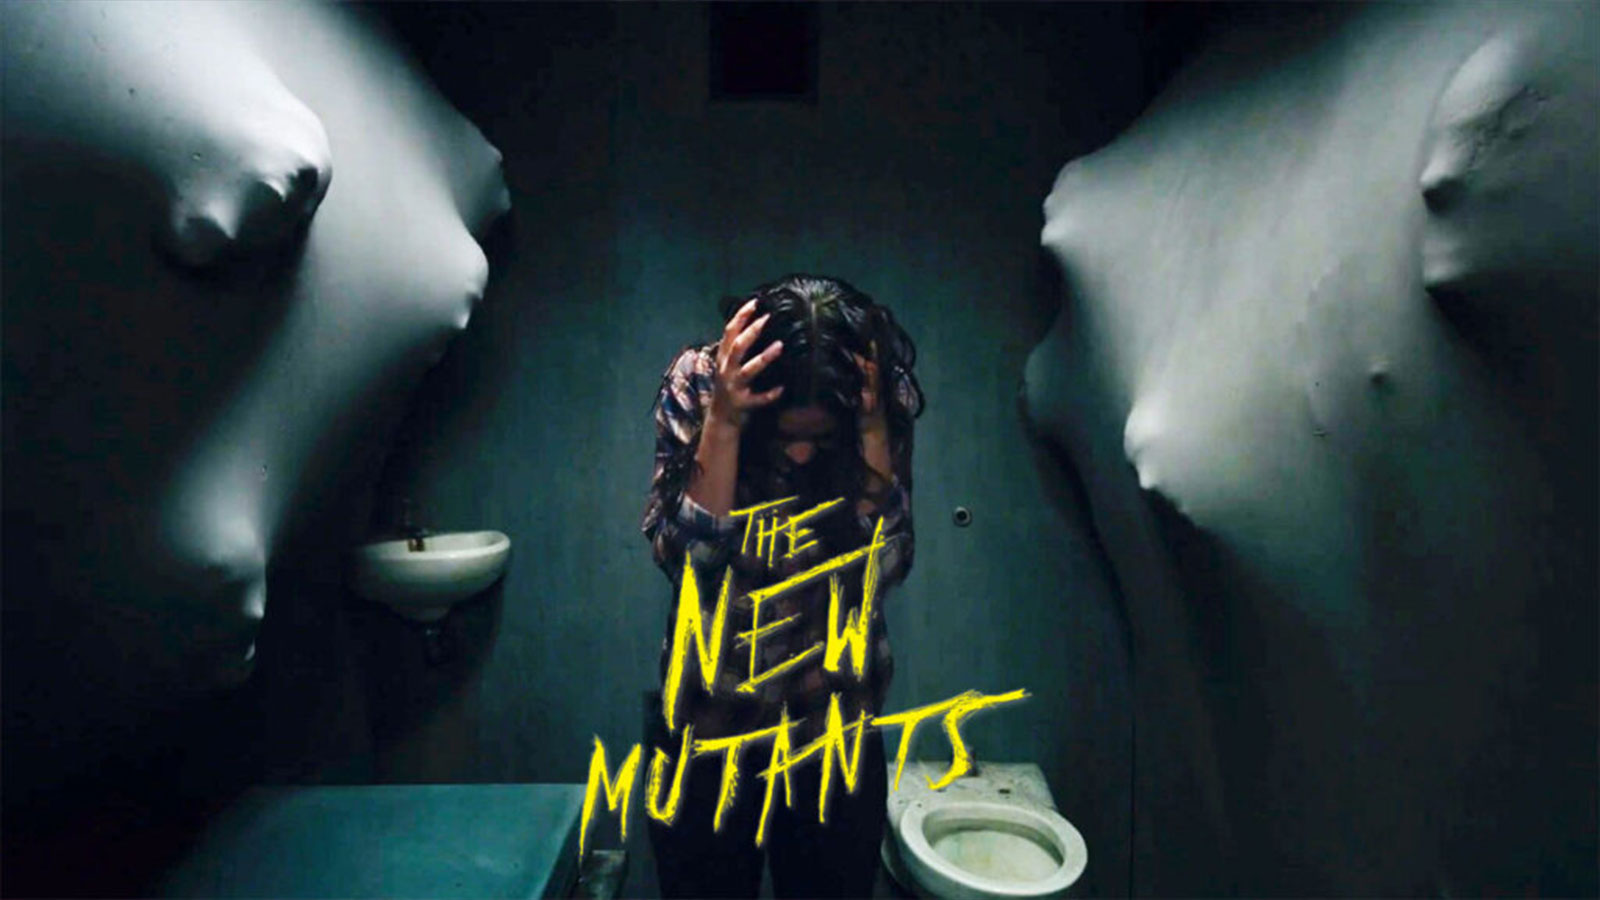 جدیدترین تریلر فیلم The New Mutants